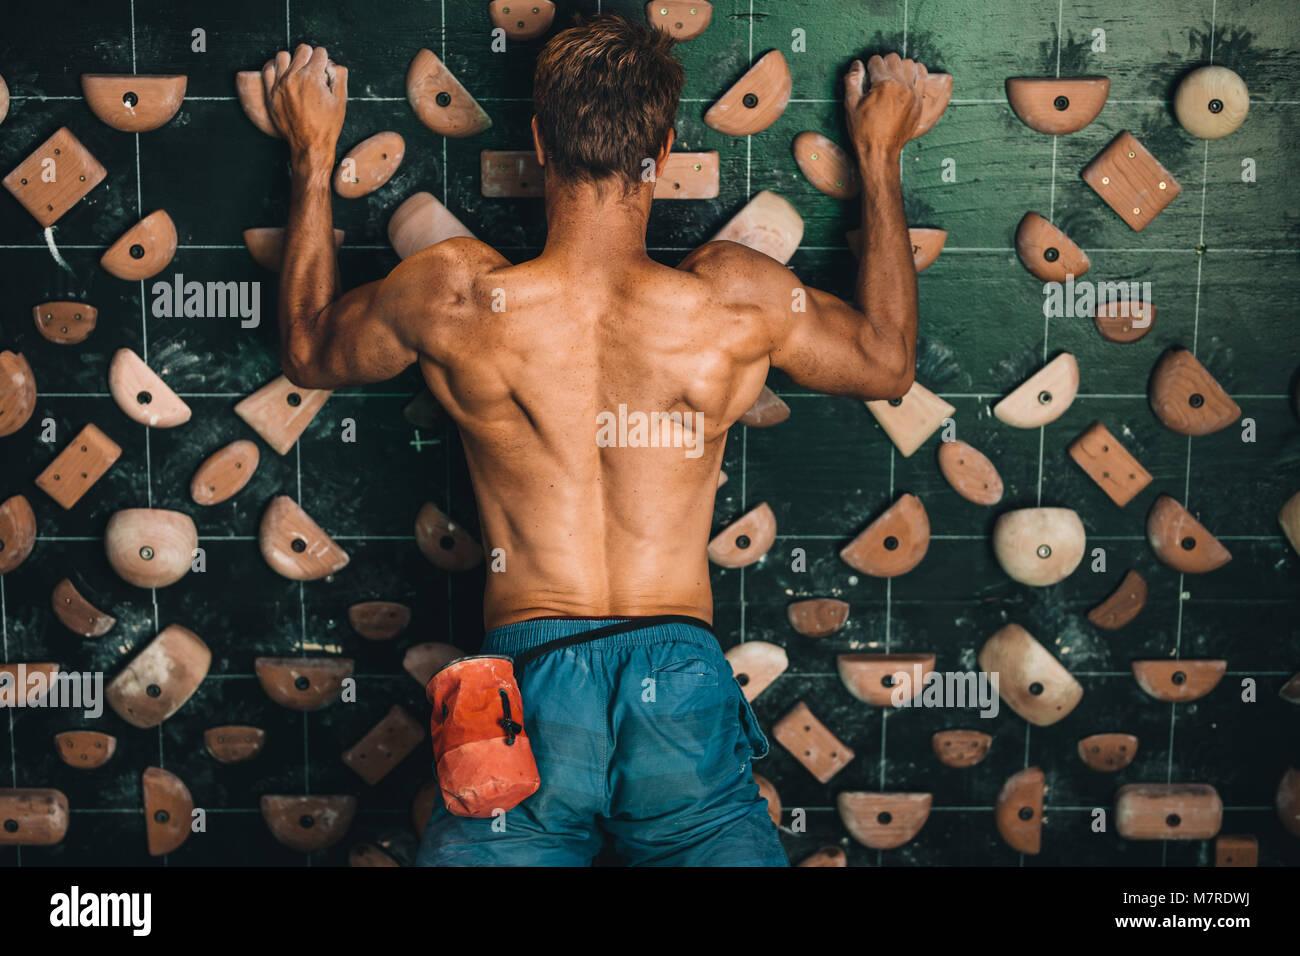 Muscular man climbing wall at an indoor wall climbing centre. Rock climber practicing climbing at an indoor climbing - Stock Image